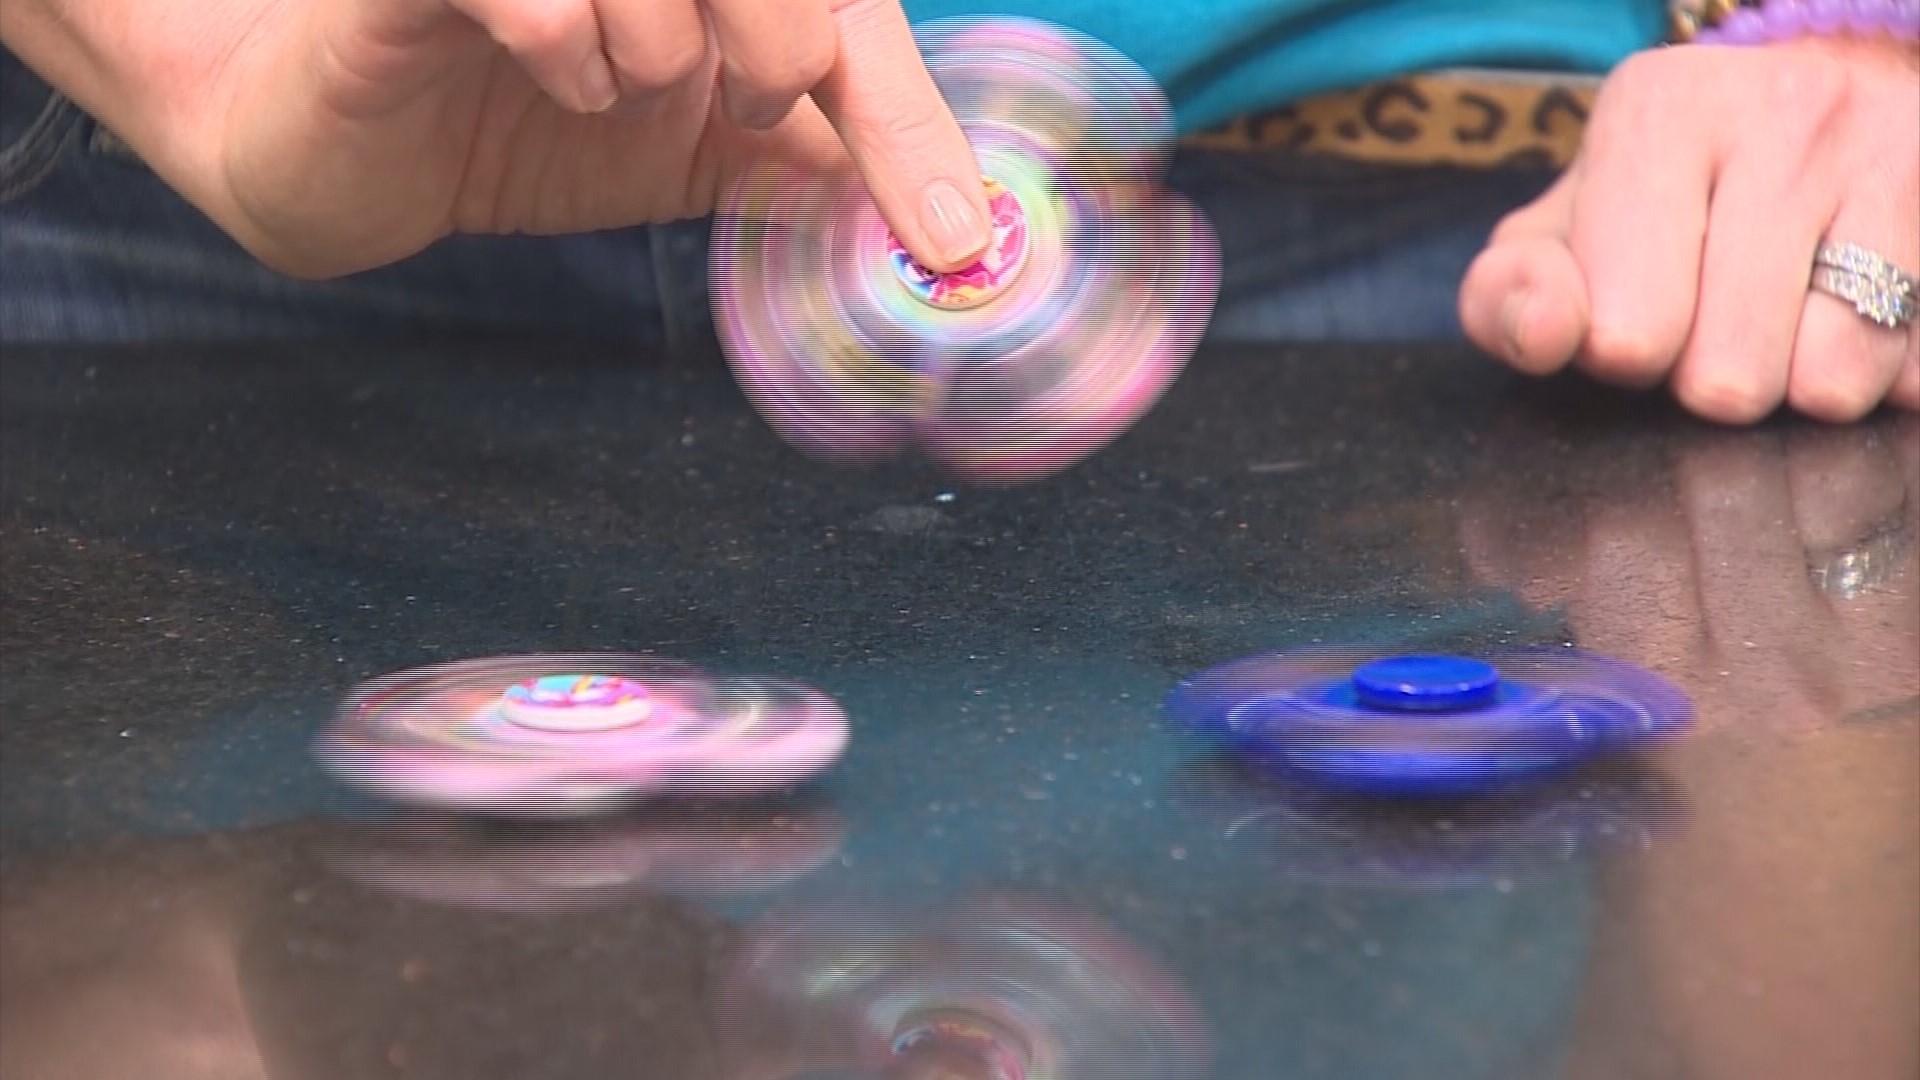 Researchers find dangerous amounts of lead in fidget spinners - Researchers Find Dangerous Amounts Of Lead In Fidget Spinners 22